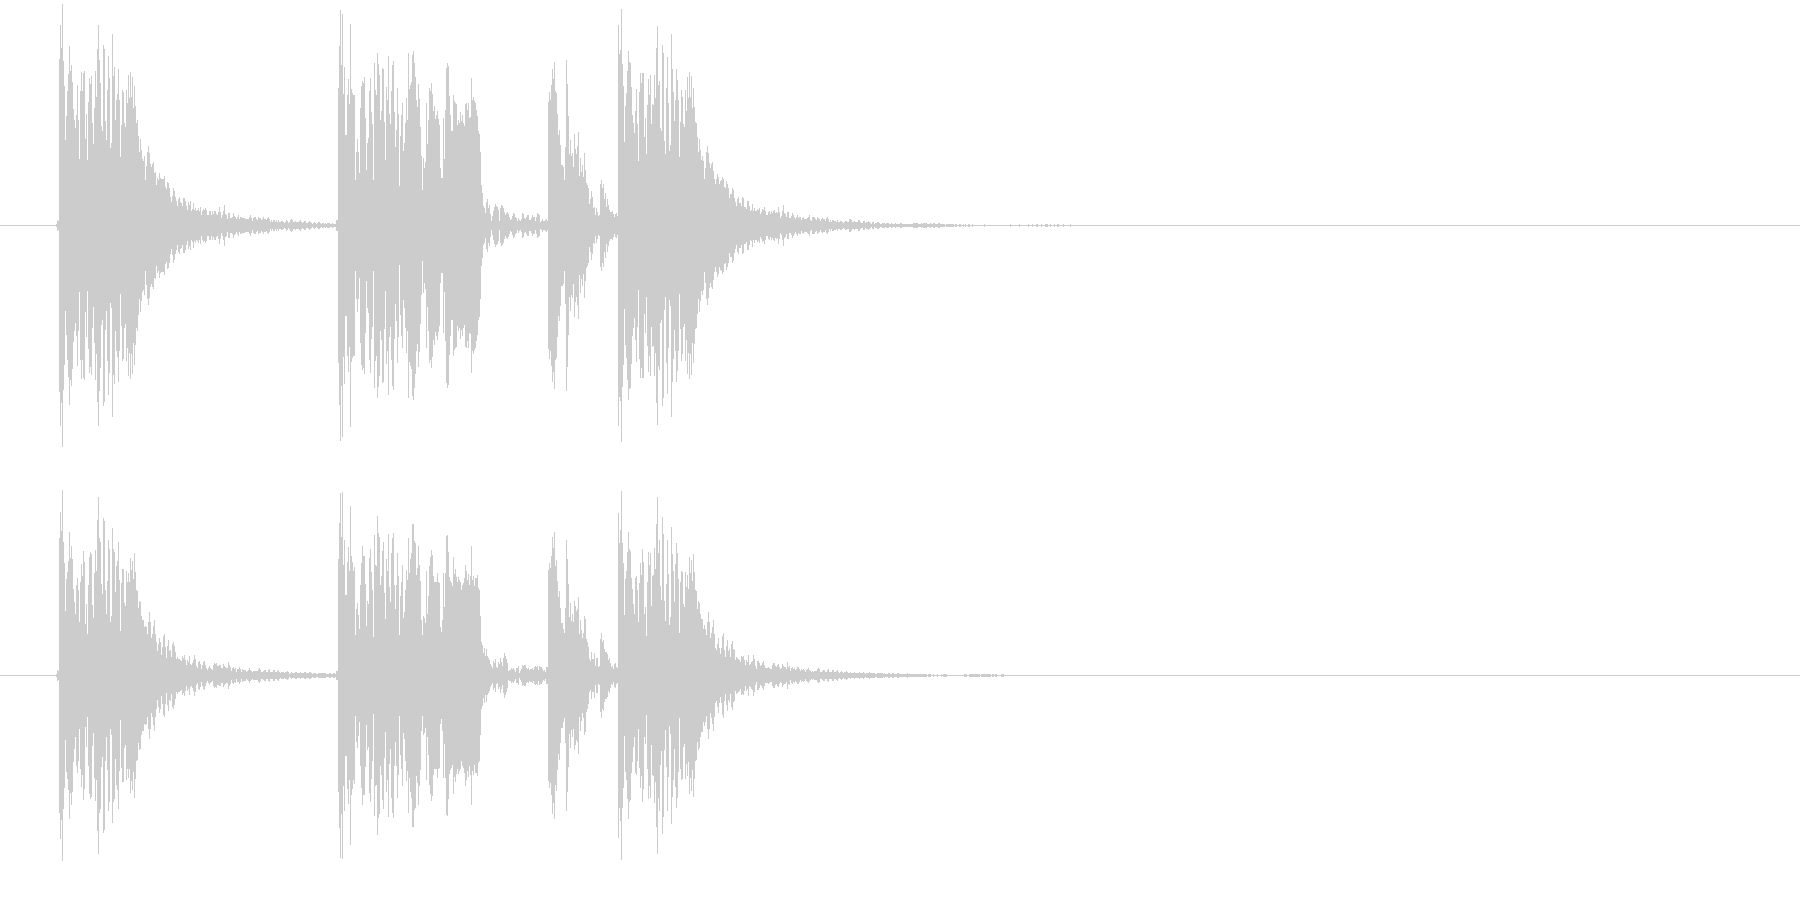 躍動感あるダークなビートジングルの未再生の波形